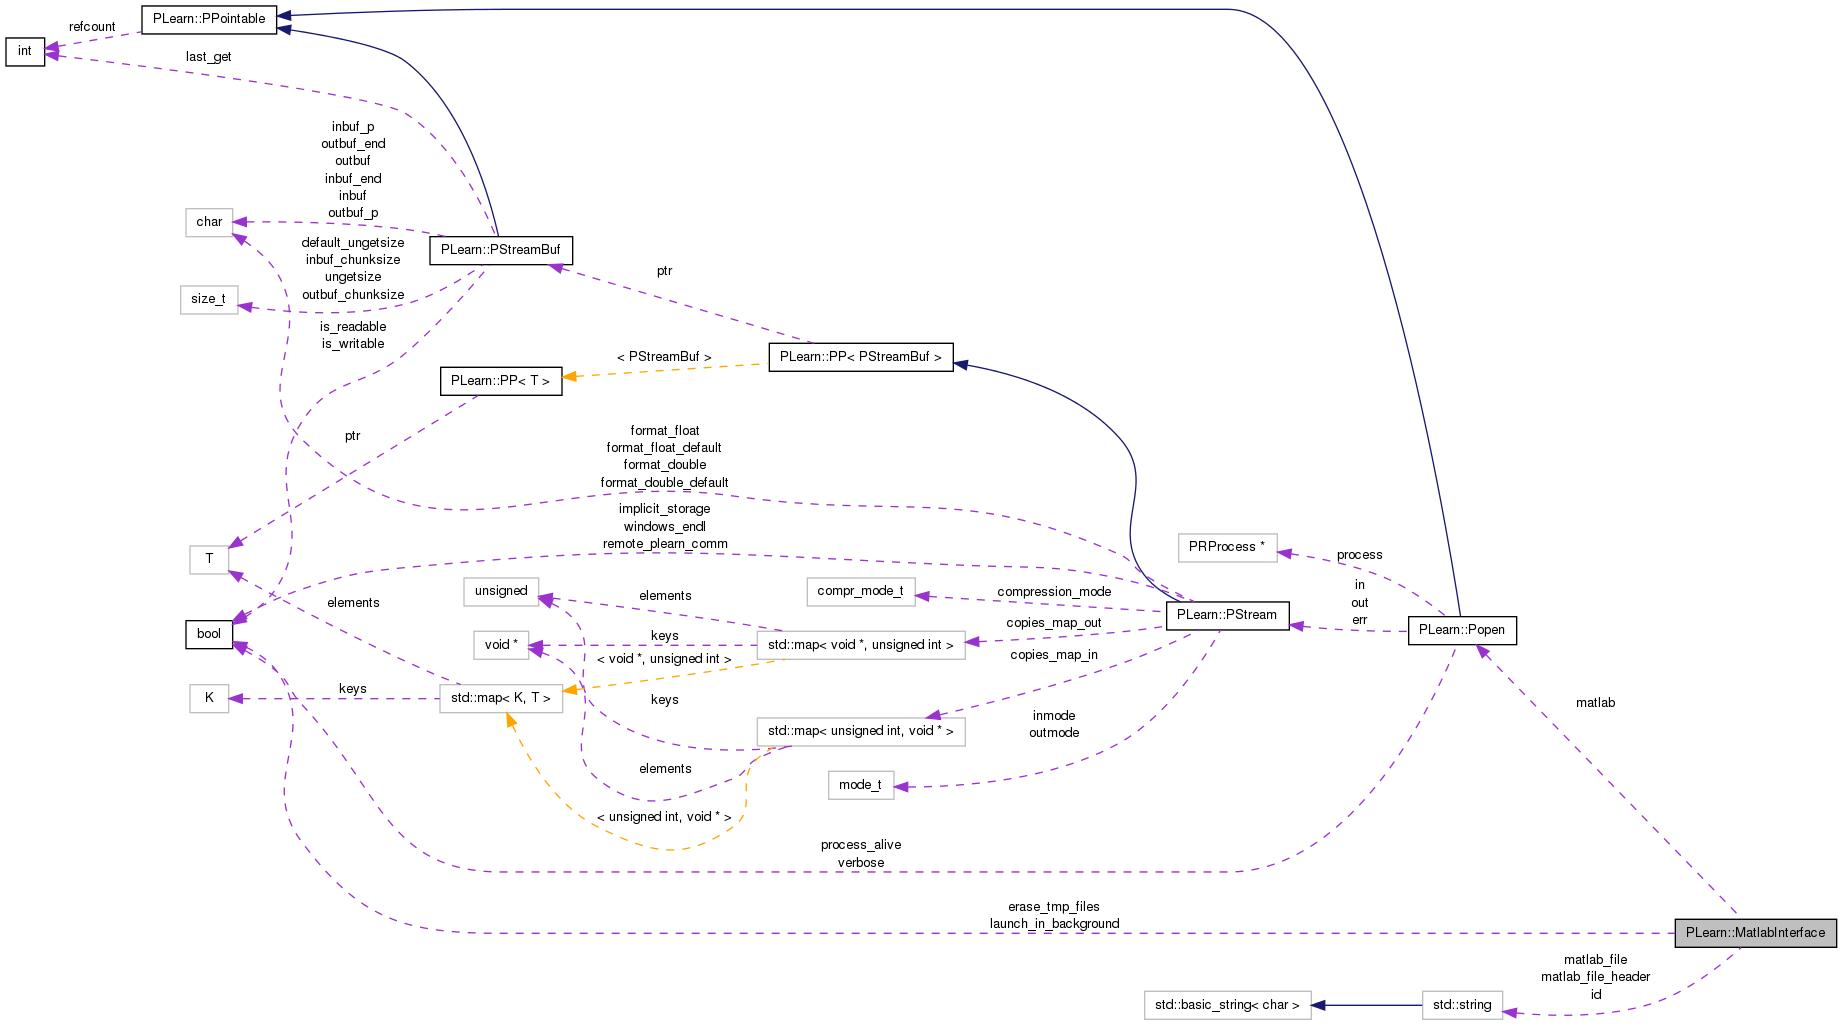 PLearn: PLearn::MatlabInterface Class Reference